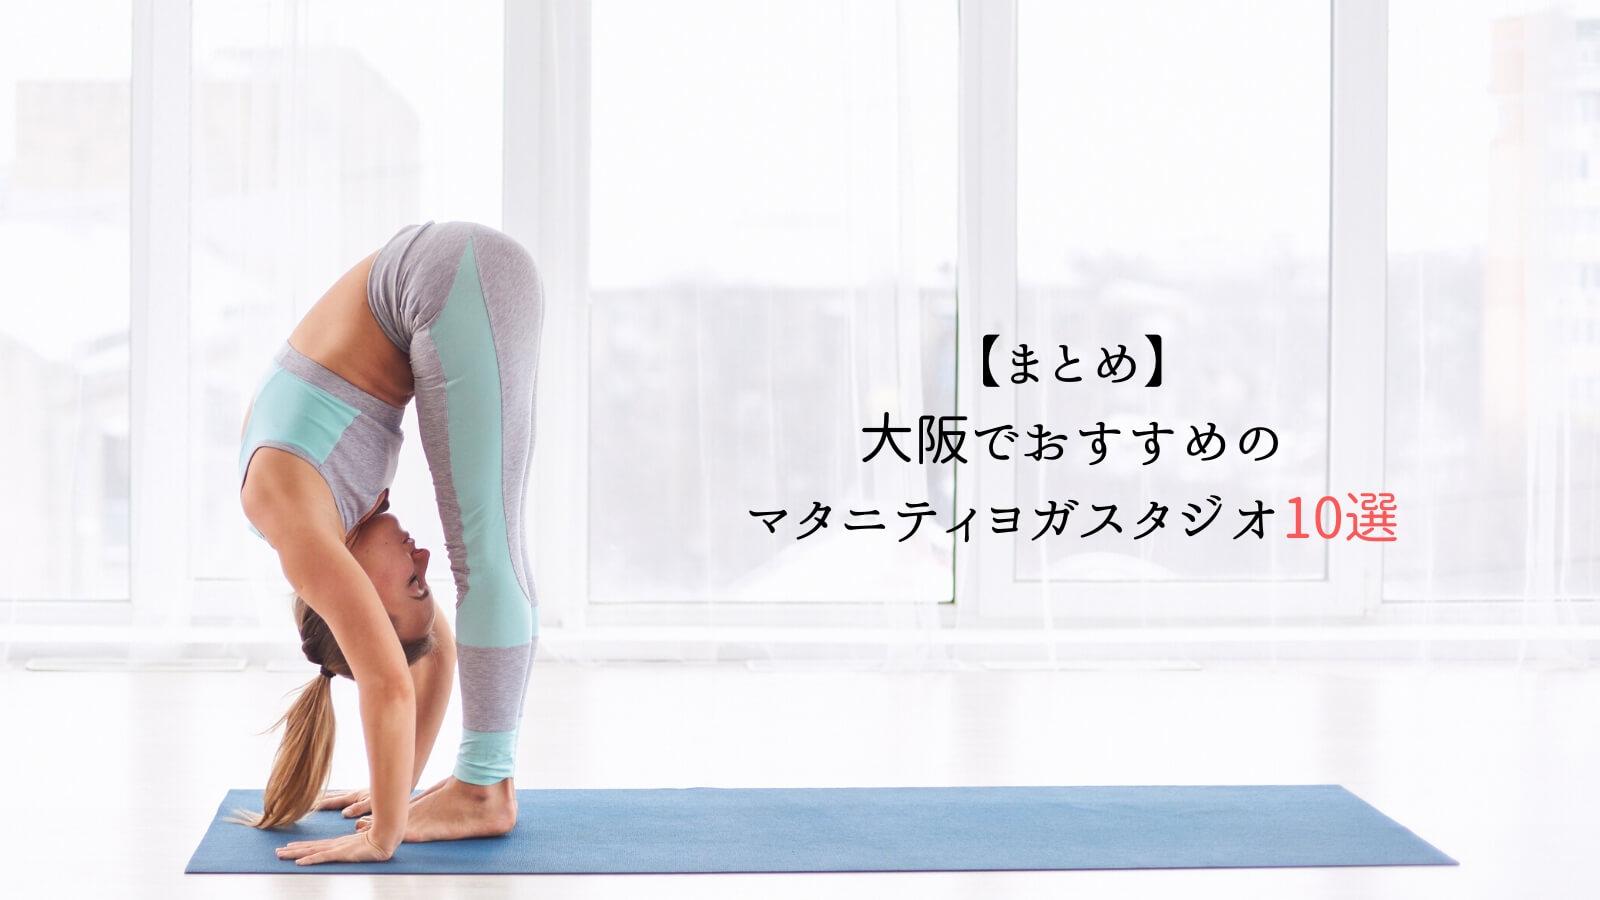 【まとめ】大阪でおすすめのマタニティヨガスタジオ10選